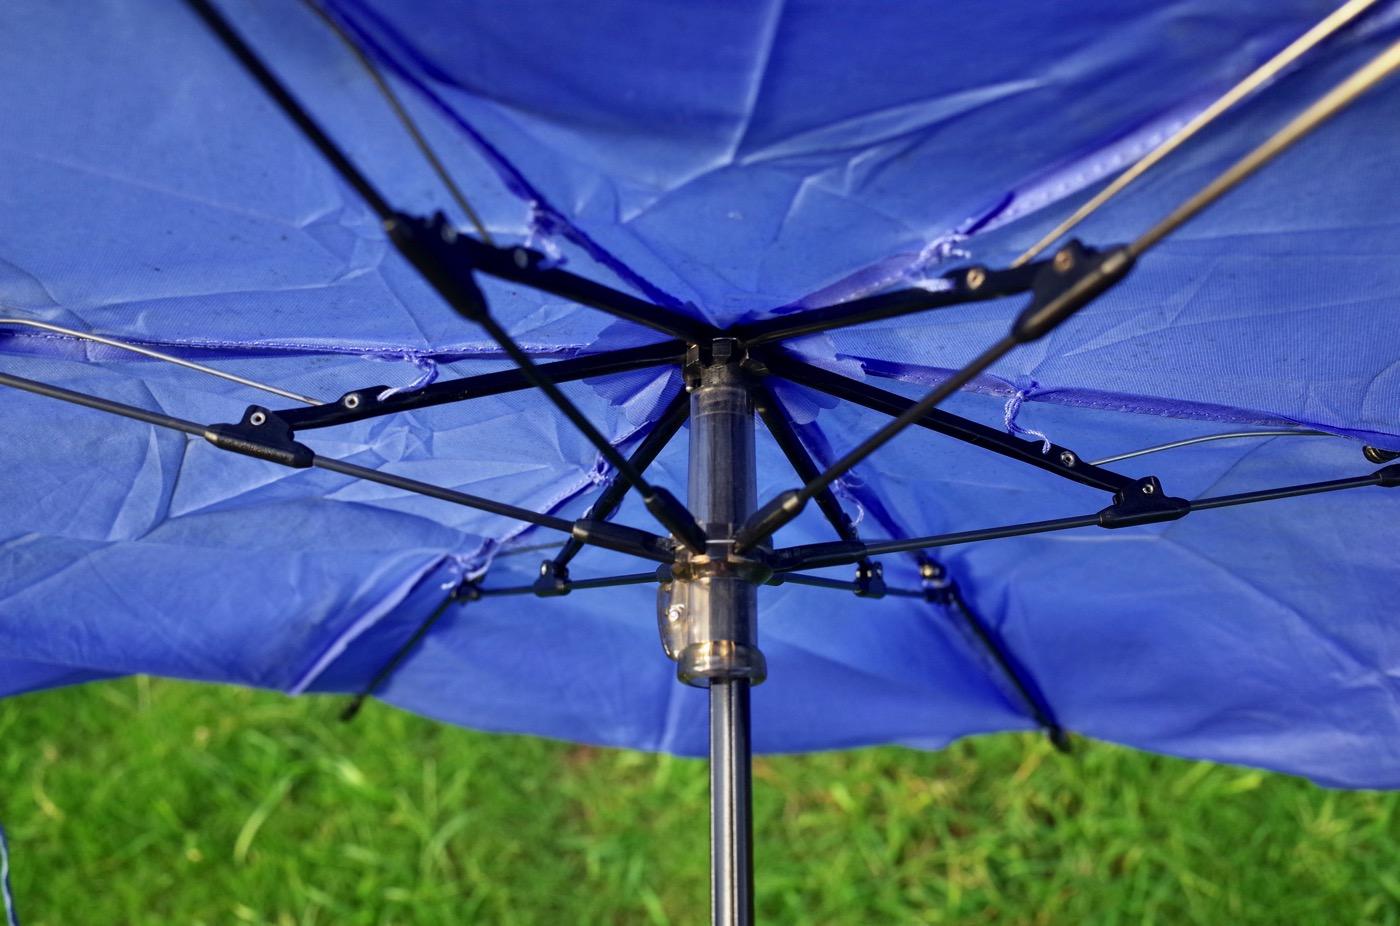 Uvion 8803 ultra lightweight folding umbrella 00011